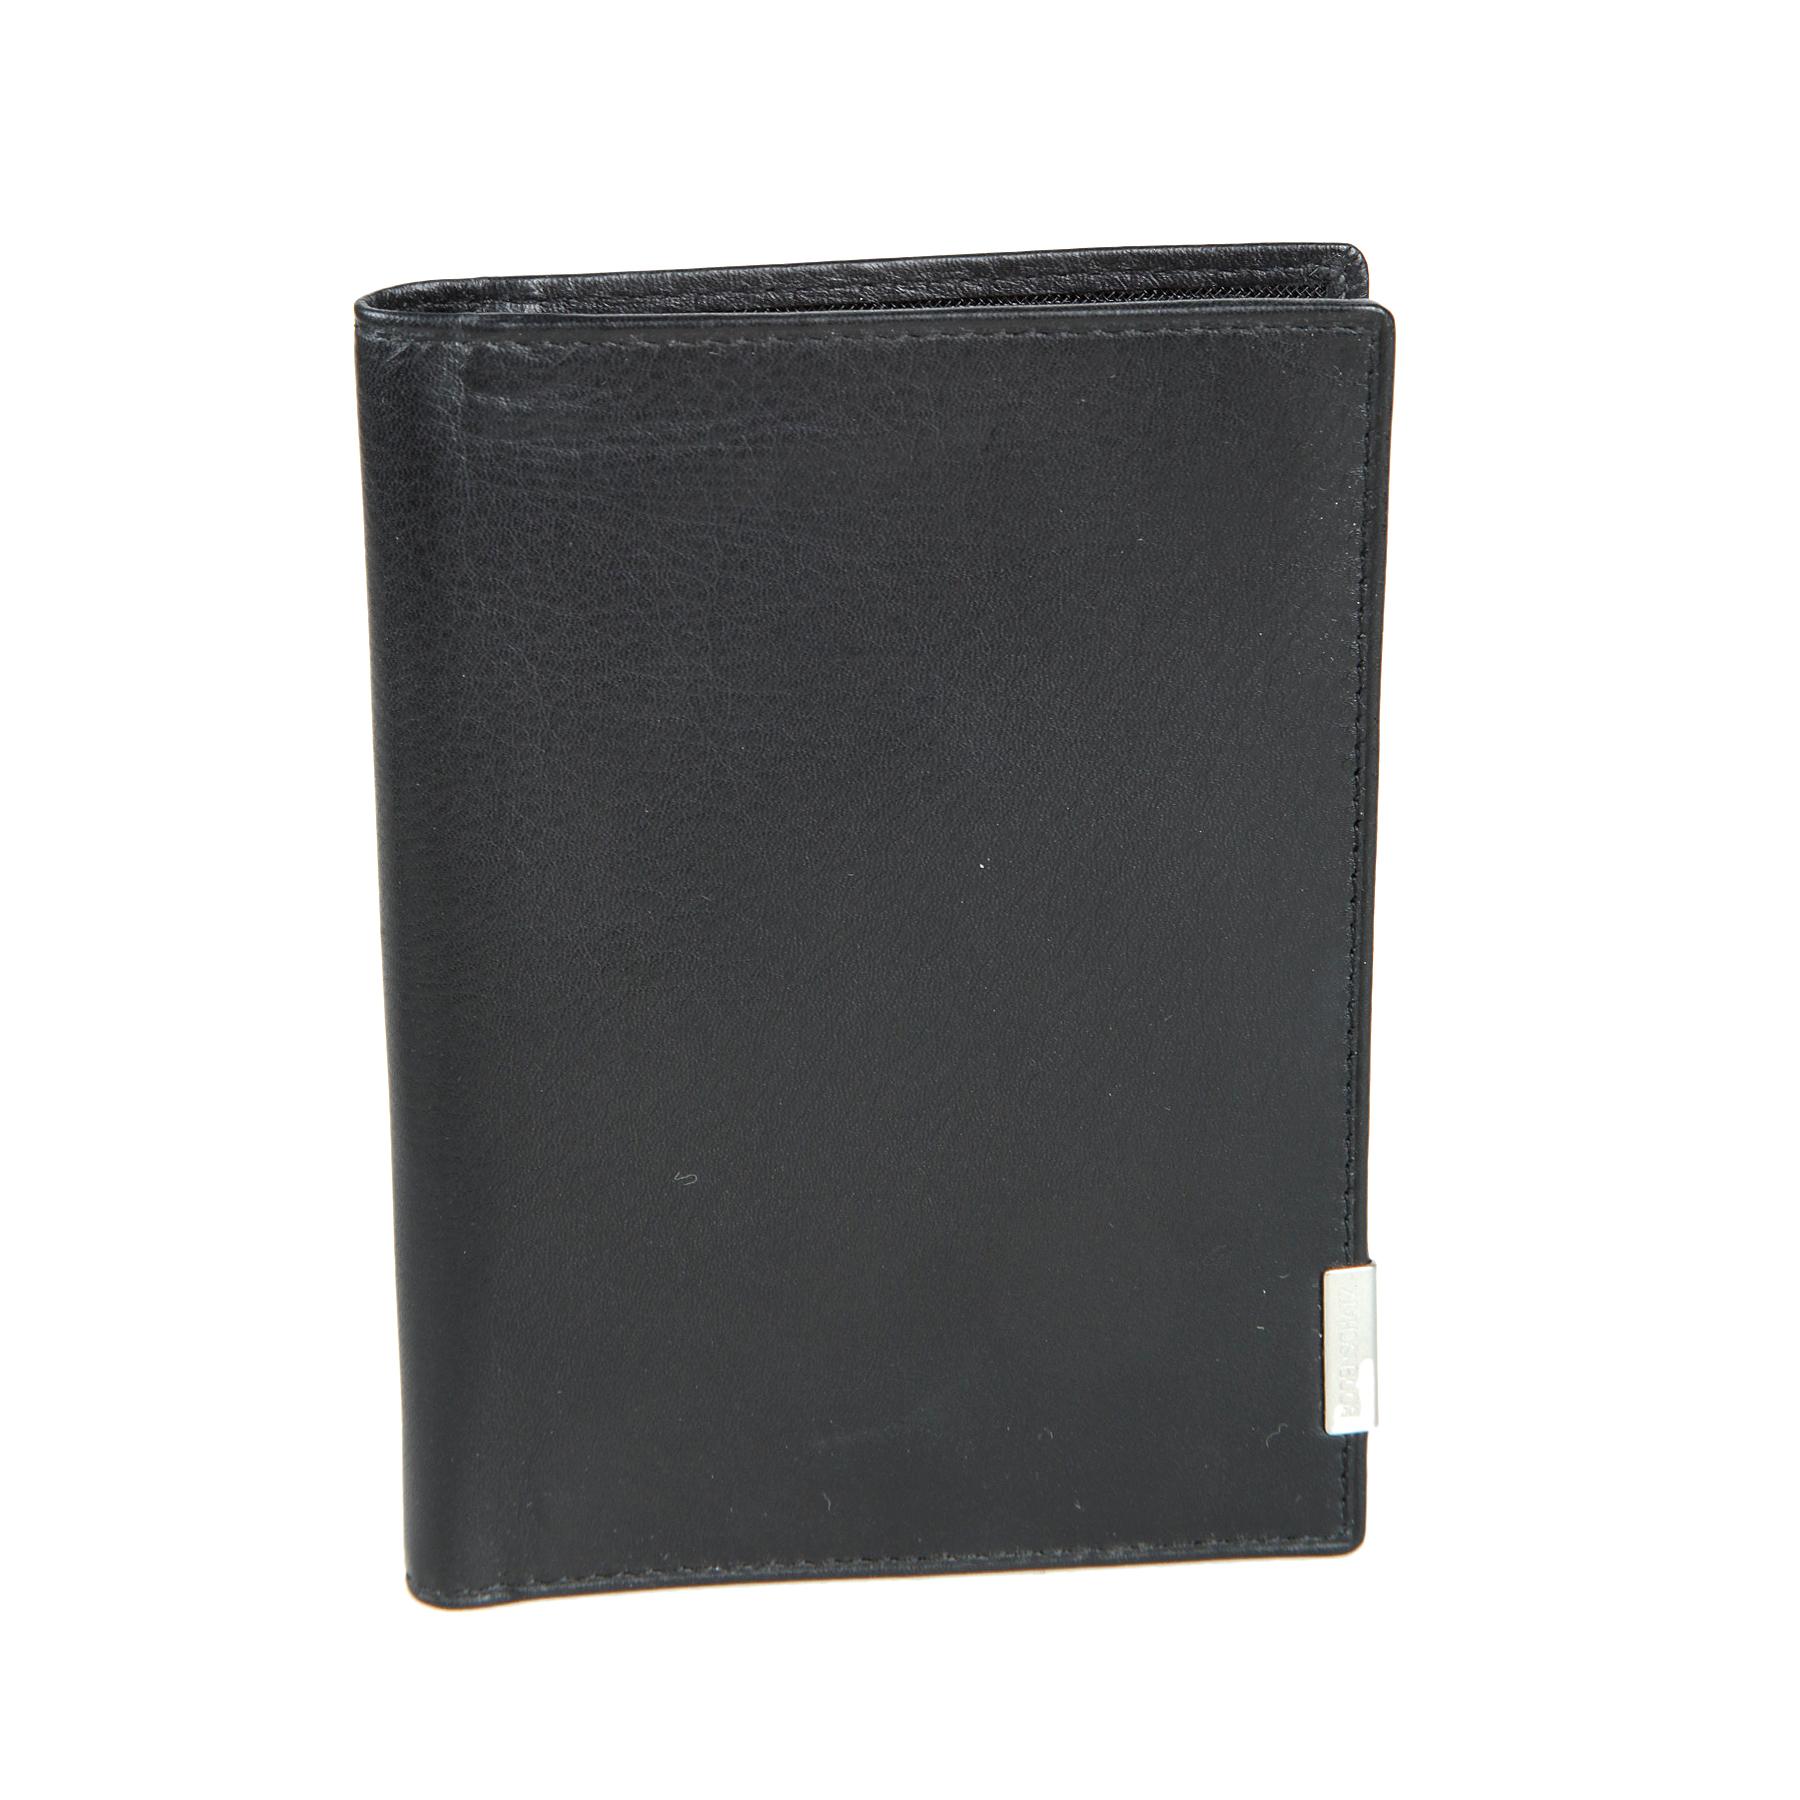 Обложка для автодокументов мужская Bodenschatz, цвет: черный. 8-4148-414 blackОбложка для автодокументов мужская Bodenschatz выполнена из натуральной кожи. Модель раскладывается вертикально, внутри два пластиковых файла для водительских документов, сетчатый карман, четыре кармашка для пластиковых карт.